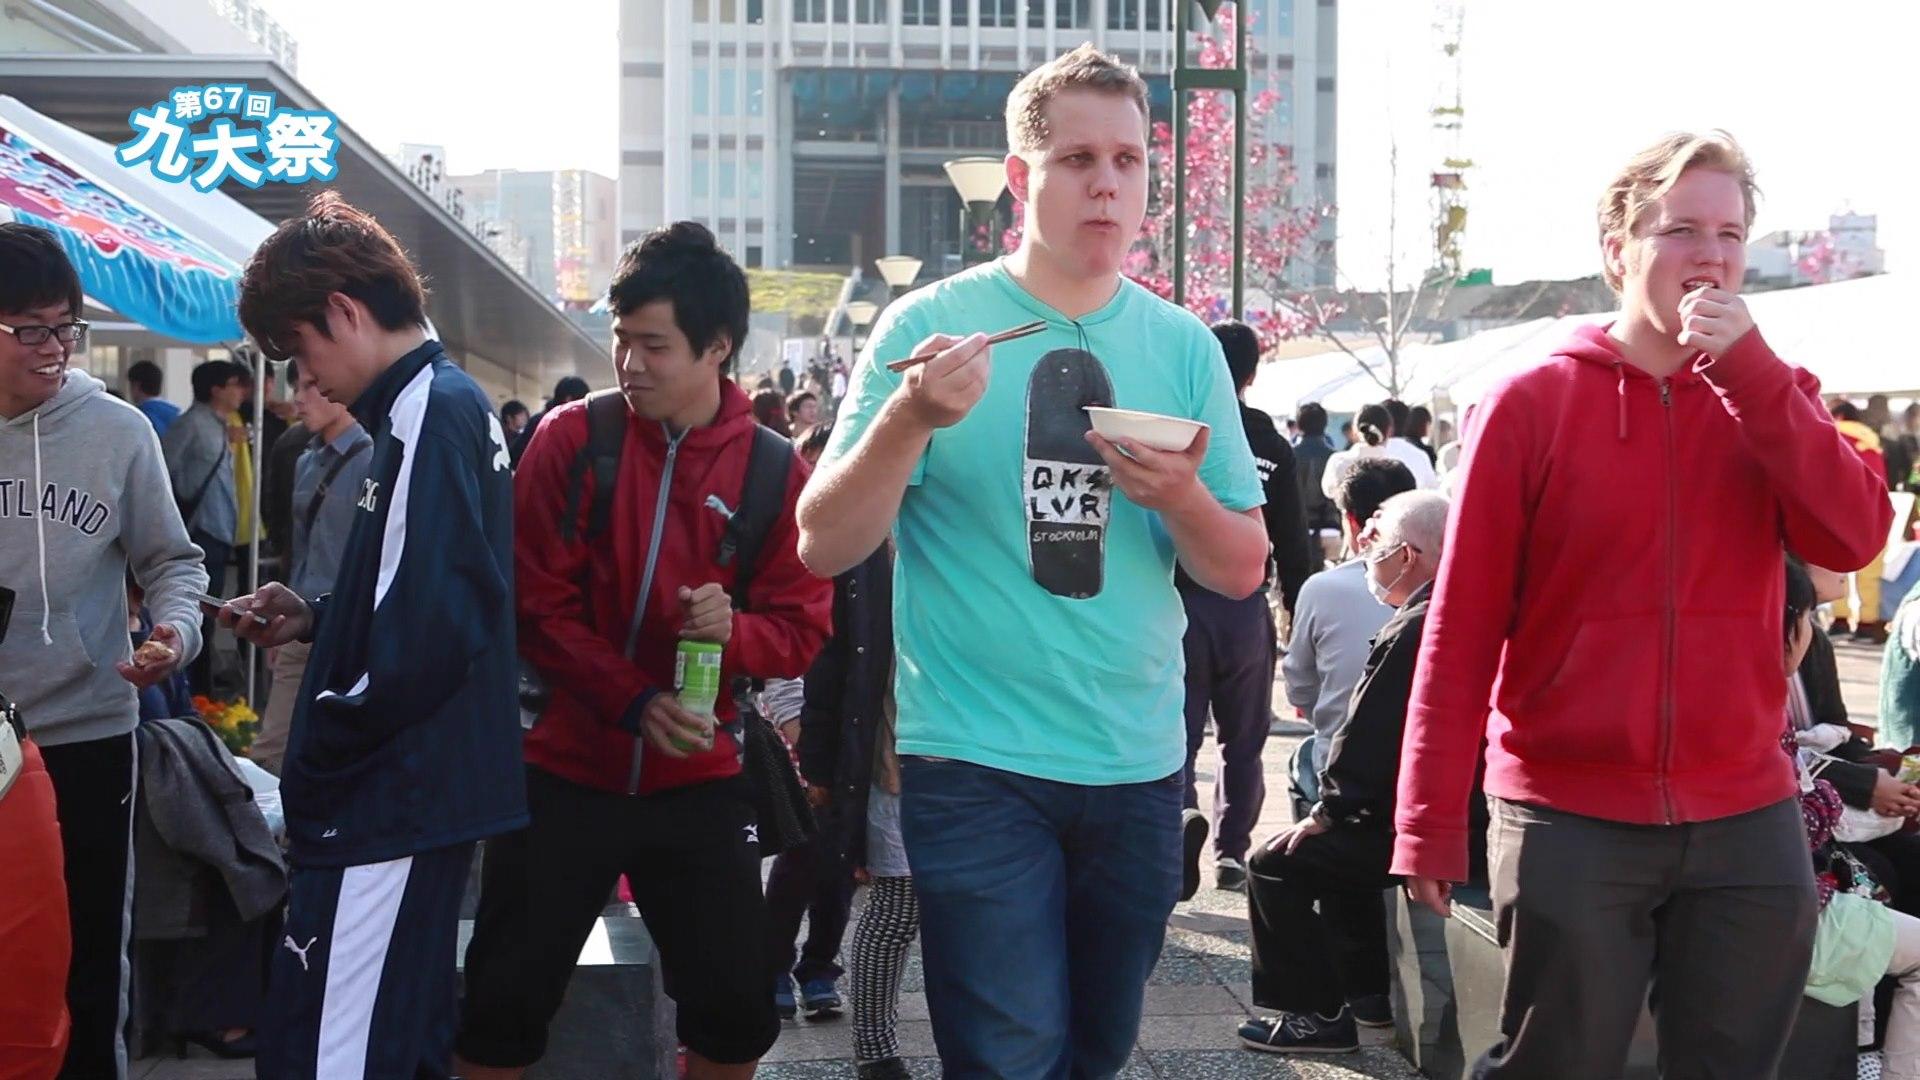 第67回 九州大学学祭.mov_000246532